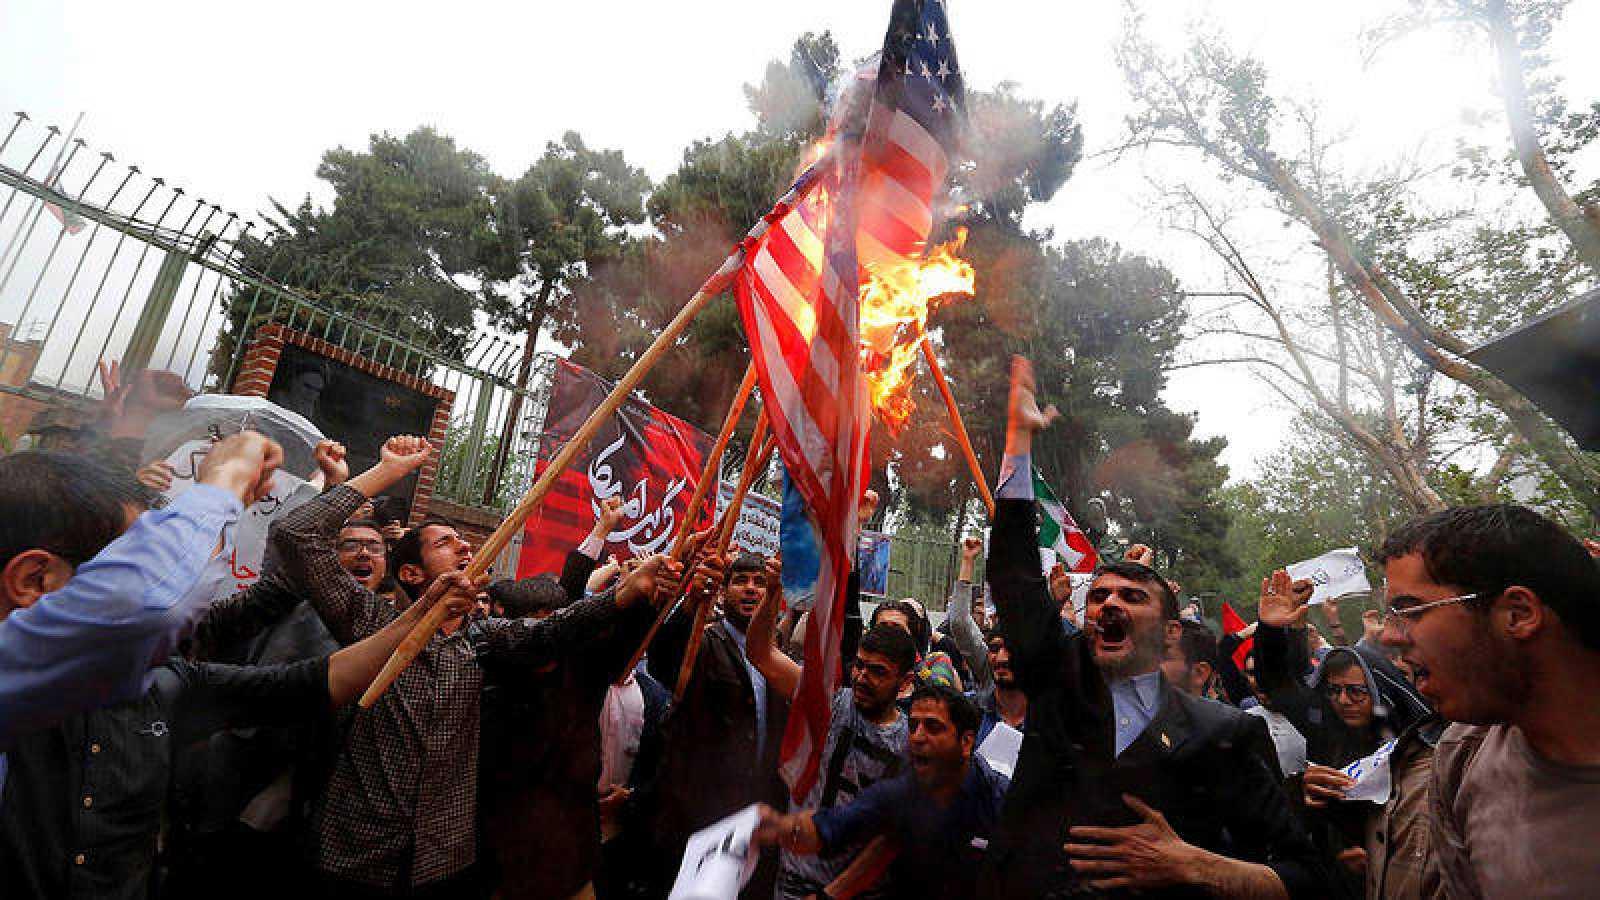 Un grupo de iraníes quema una bandera estadounidense frente a la antigua embajada estadounidense en Teherán